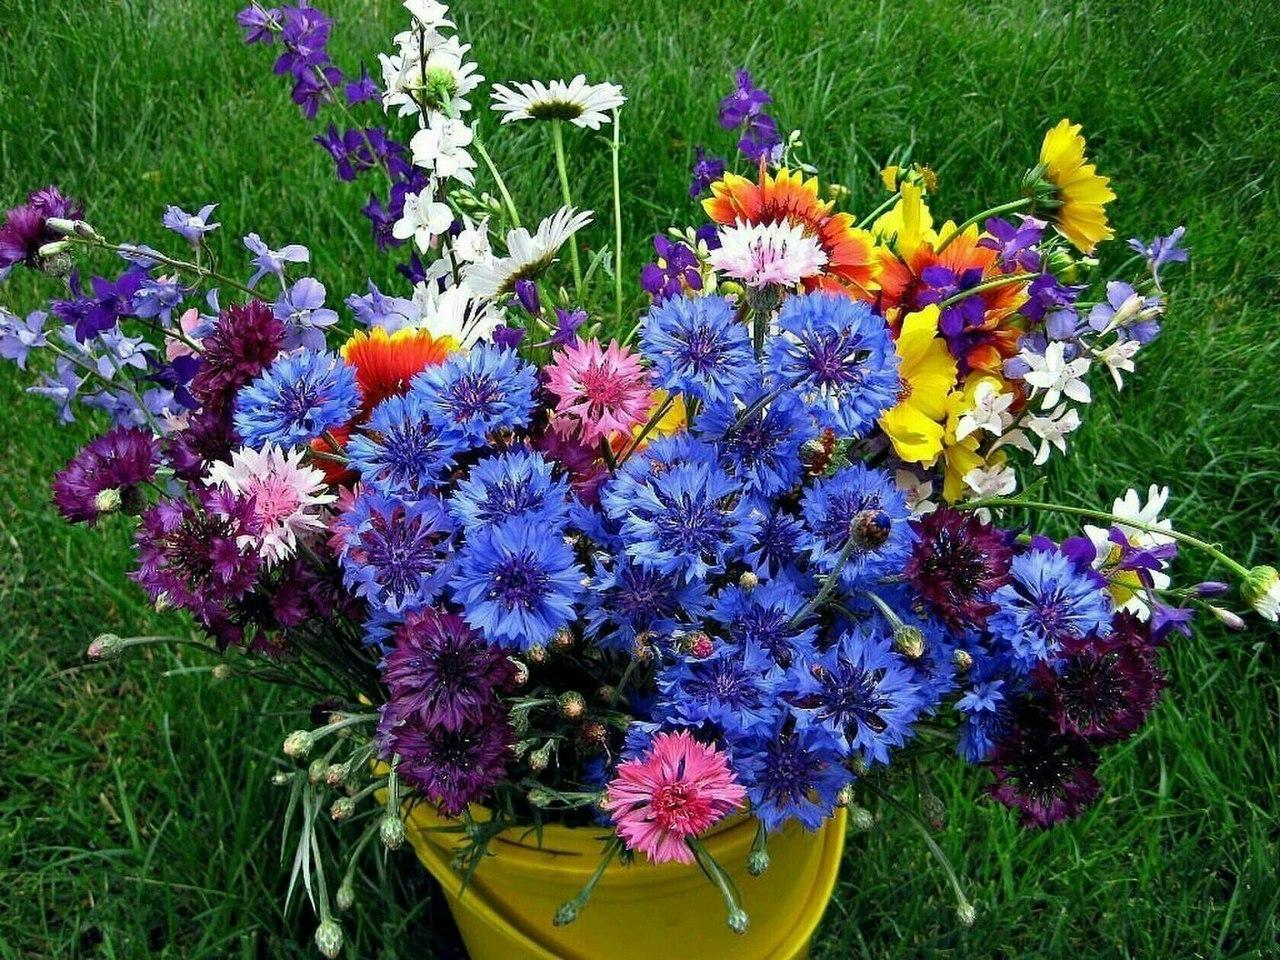 Для детей, красивые картинки букетов полевых цветов для любимой